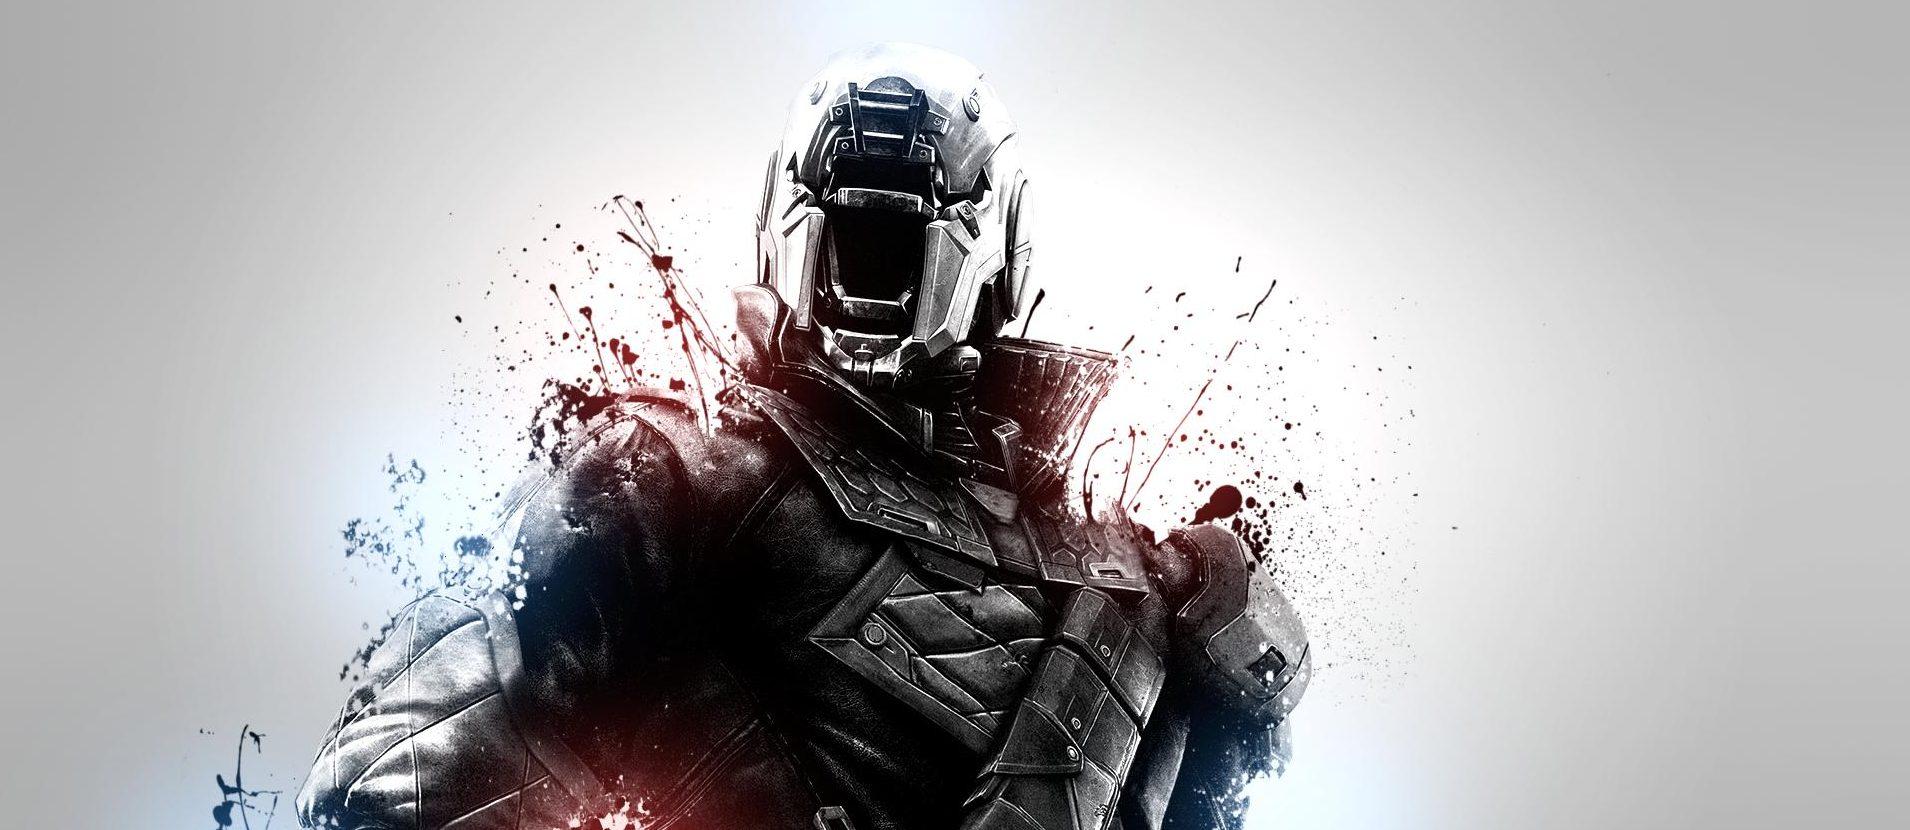 Destiny: Sternstunden und Tiefpunkte – 13 Momente aus 3 Jahren Destiny